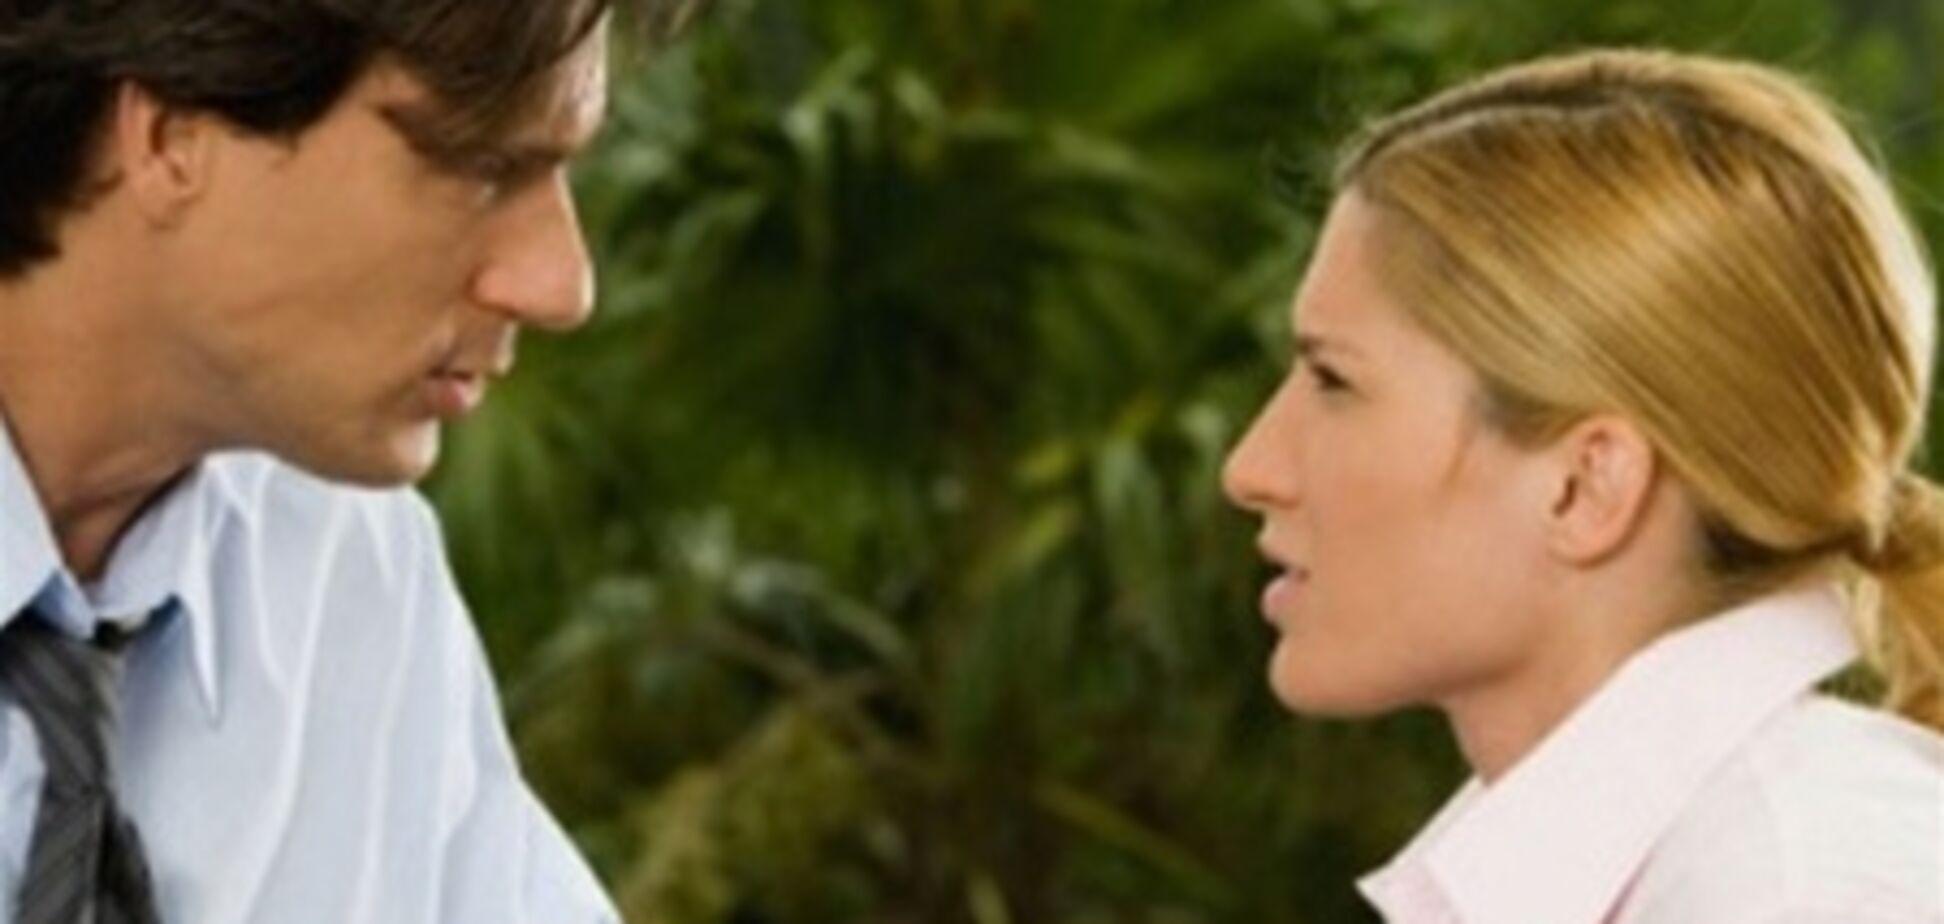 Почему мужья постоянно врут женам: 5 главных причин